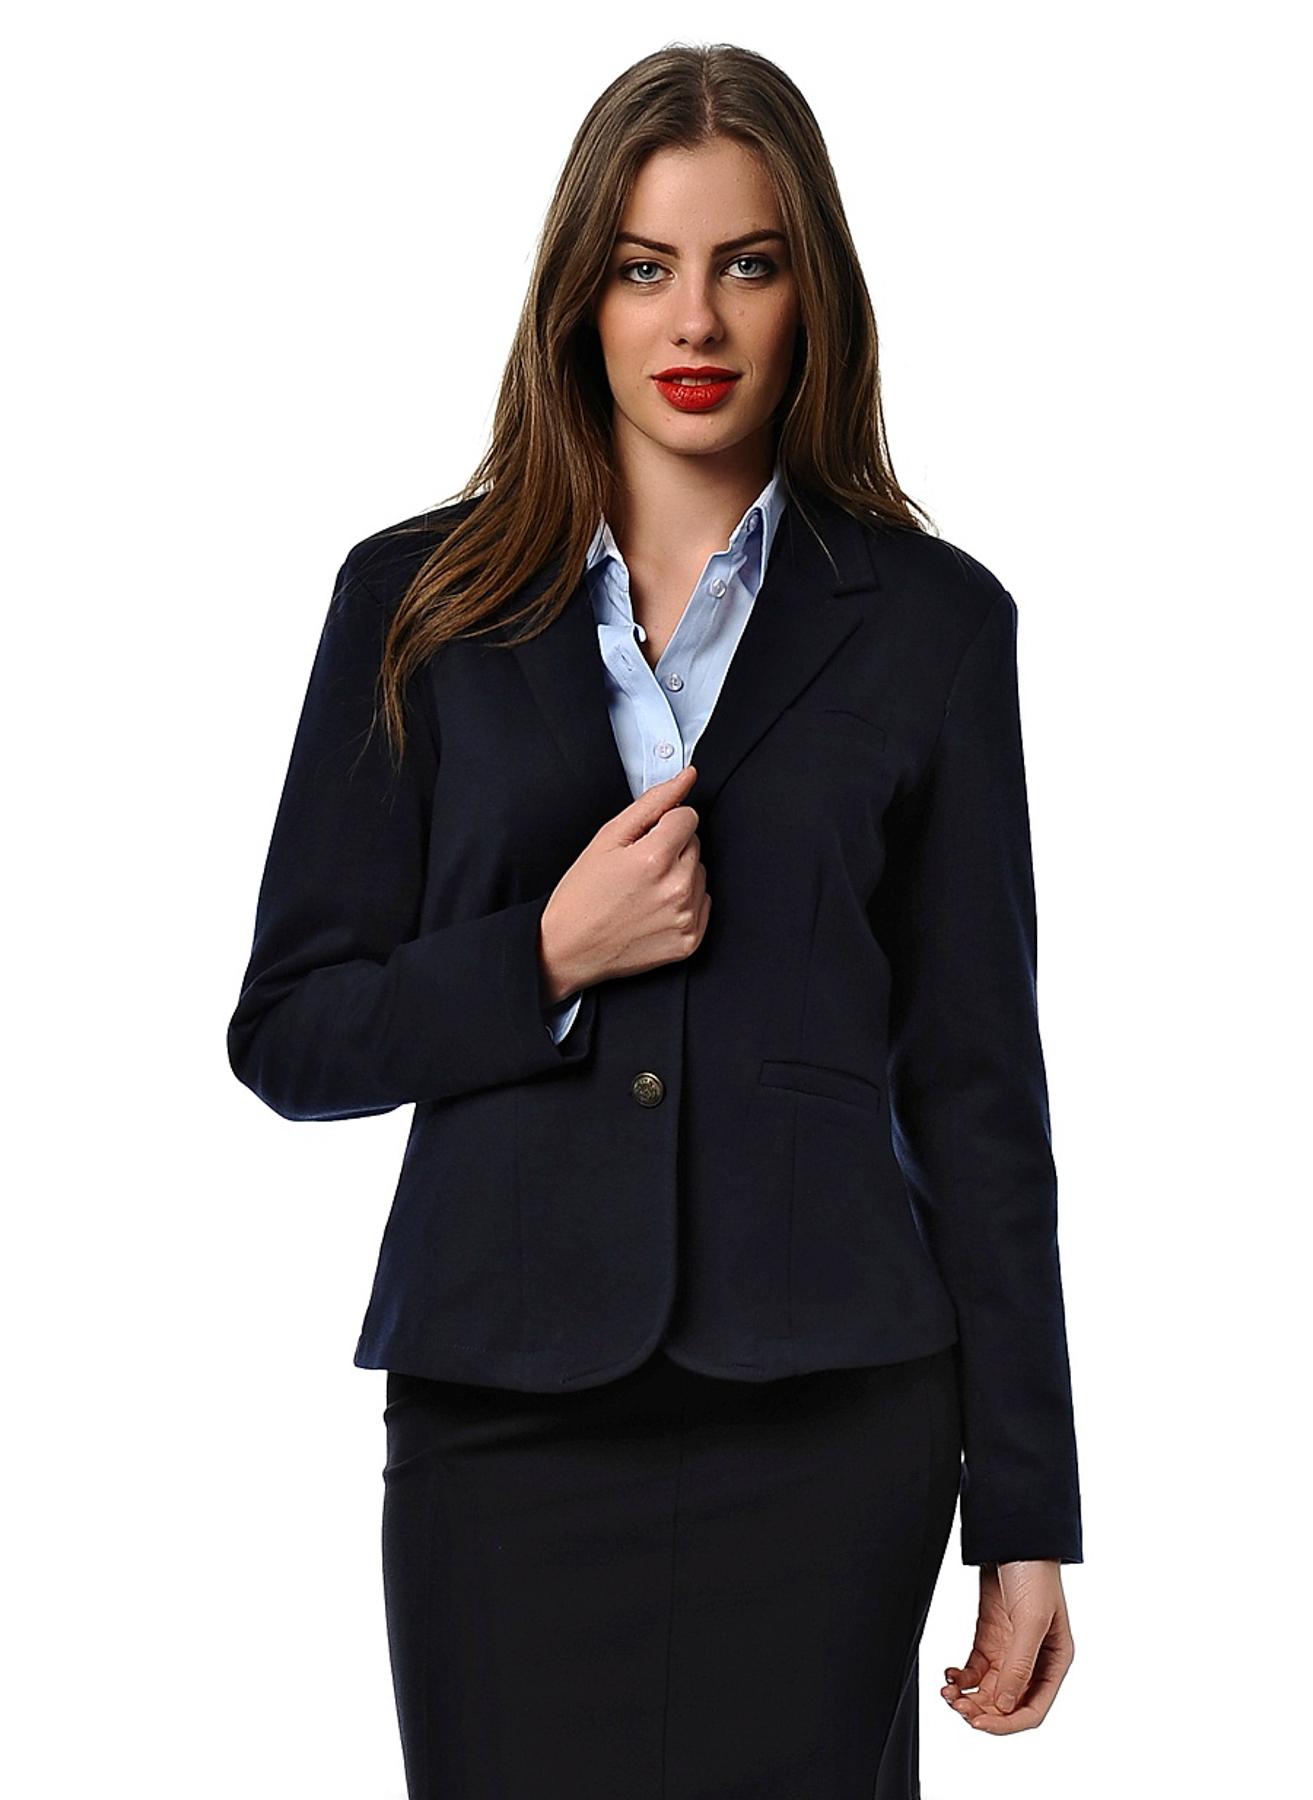 XL Koyu Lacivert Asymmetry Ceket 5000036943004 Kadın Giyim & Yelek